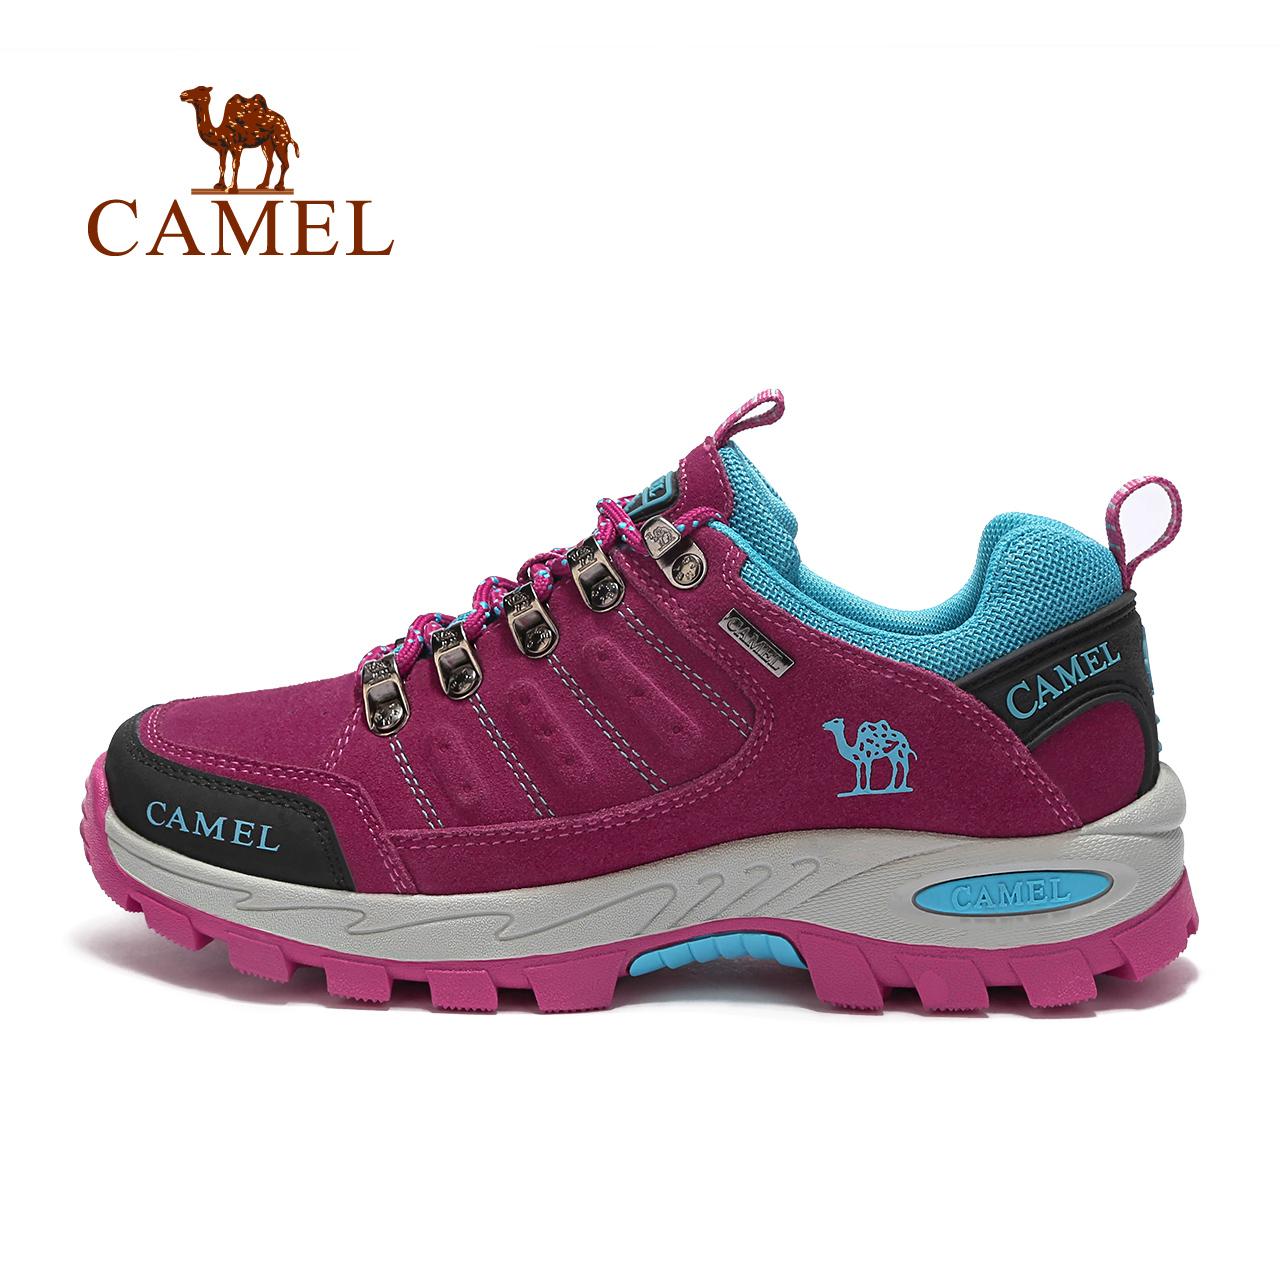 骆驼女鞋中老年反绒皮登山鞋女 CAMEL骆驼情侣款徒步鞋男女防滑